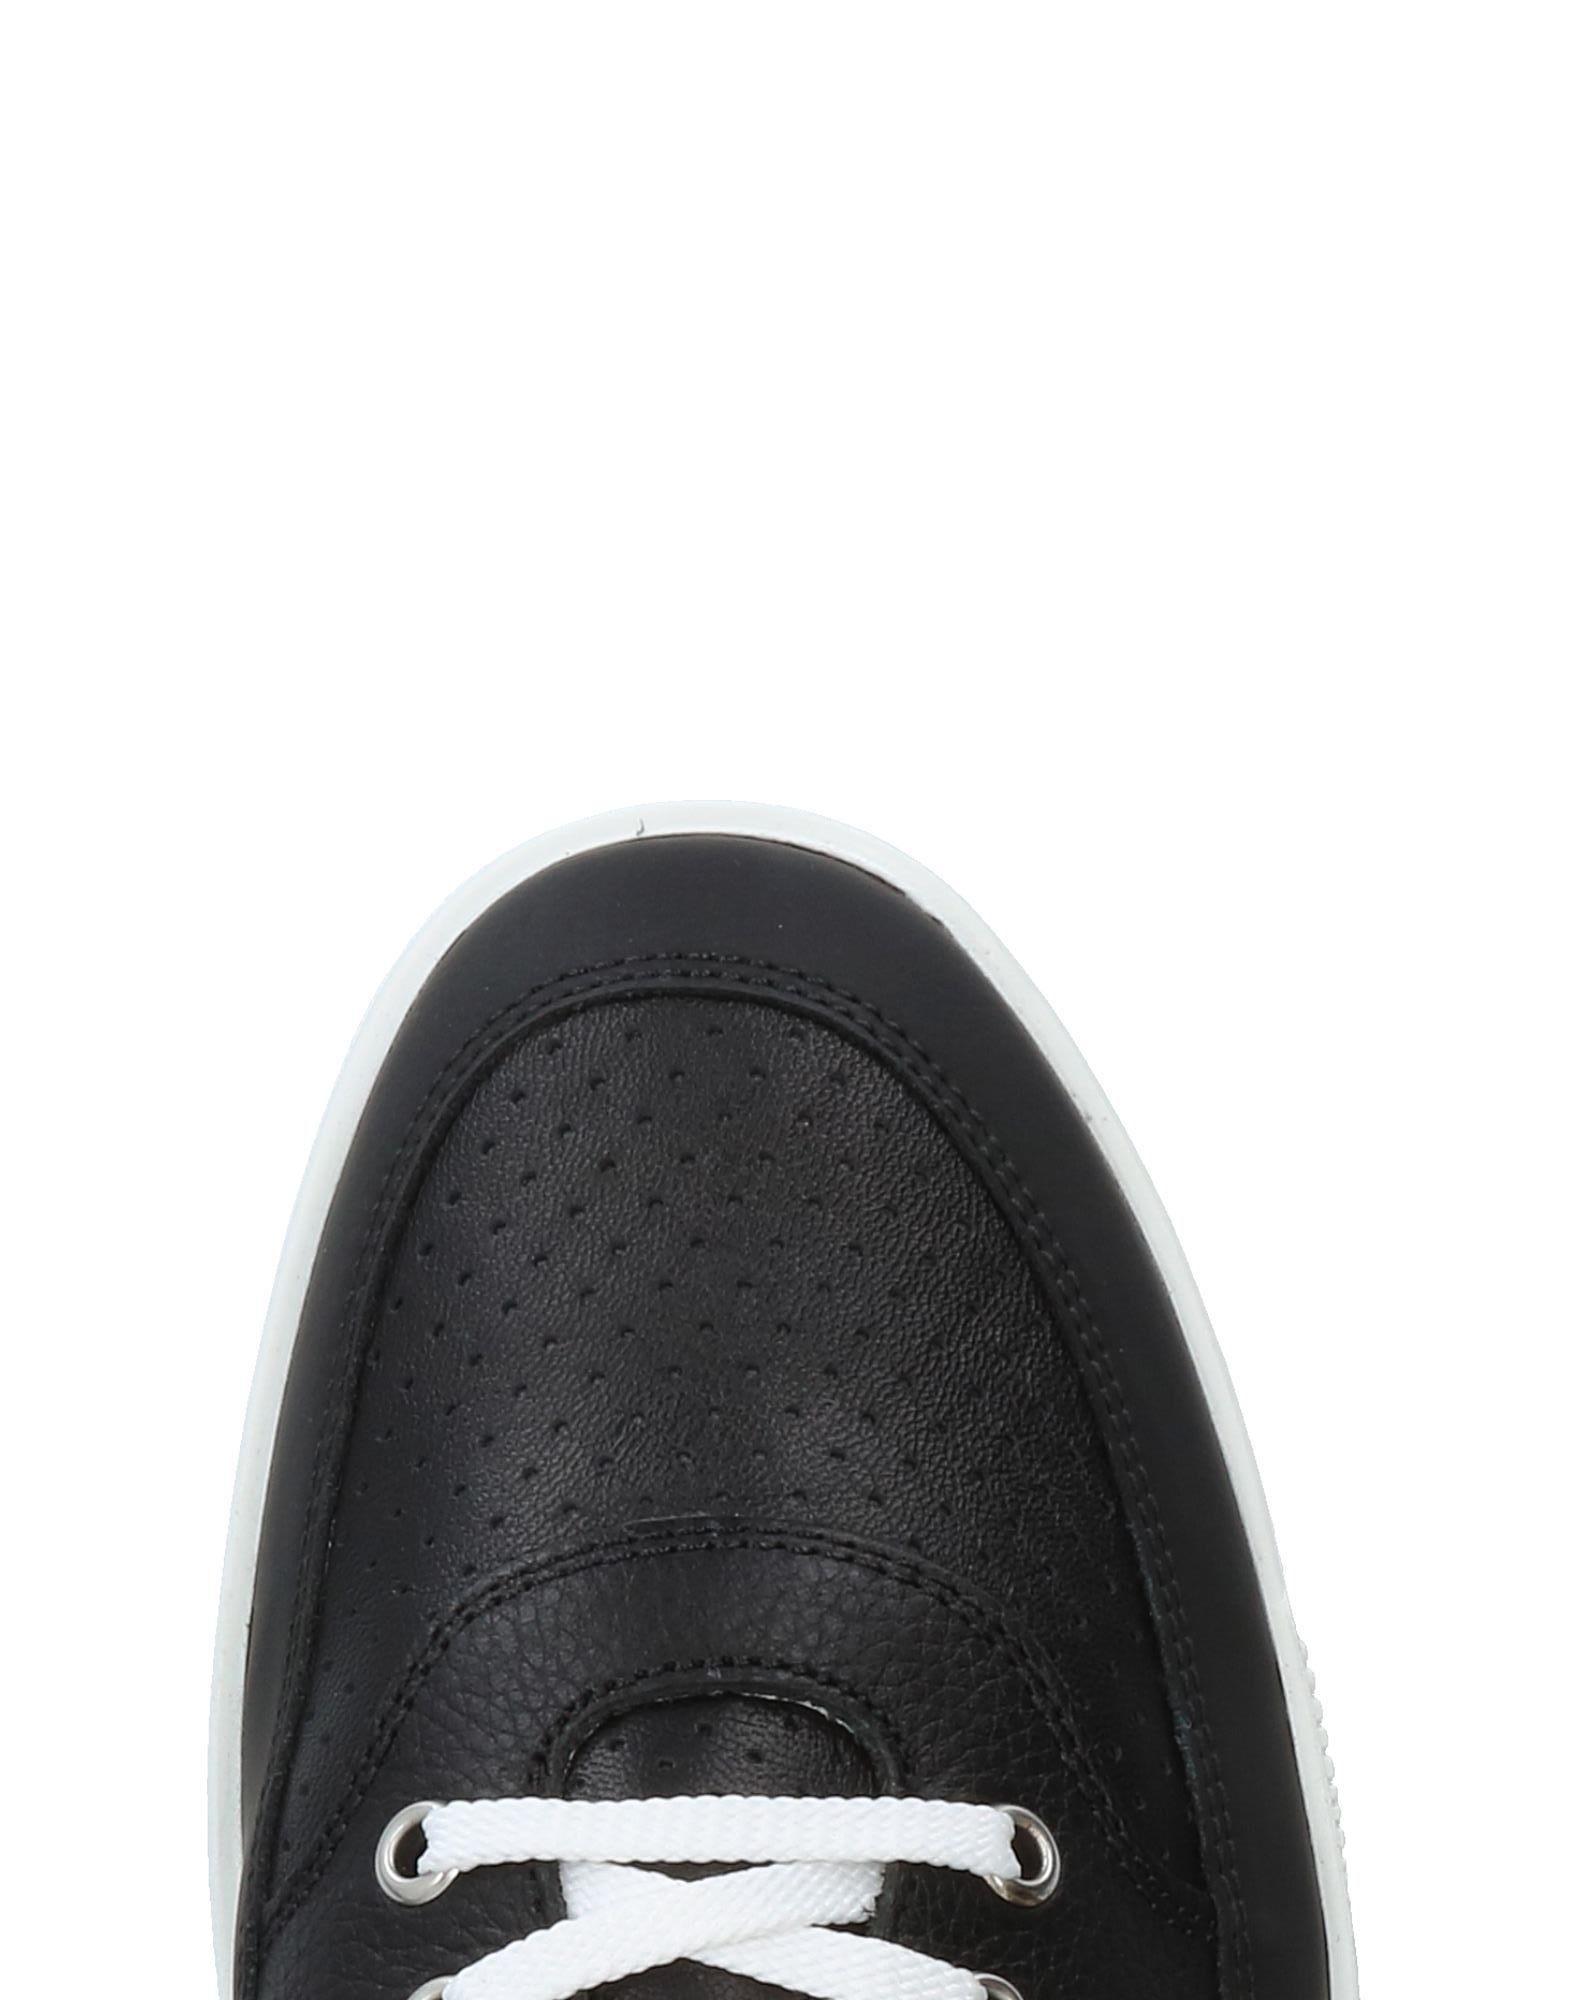 Dirk Bikkembergs Herren Sneakers Herren Bikkembergs  11326219OX Neue Schuhe 755b8f